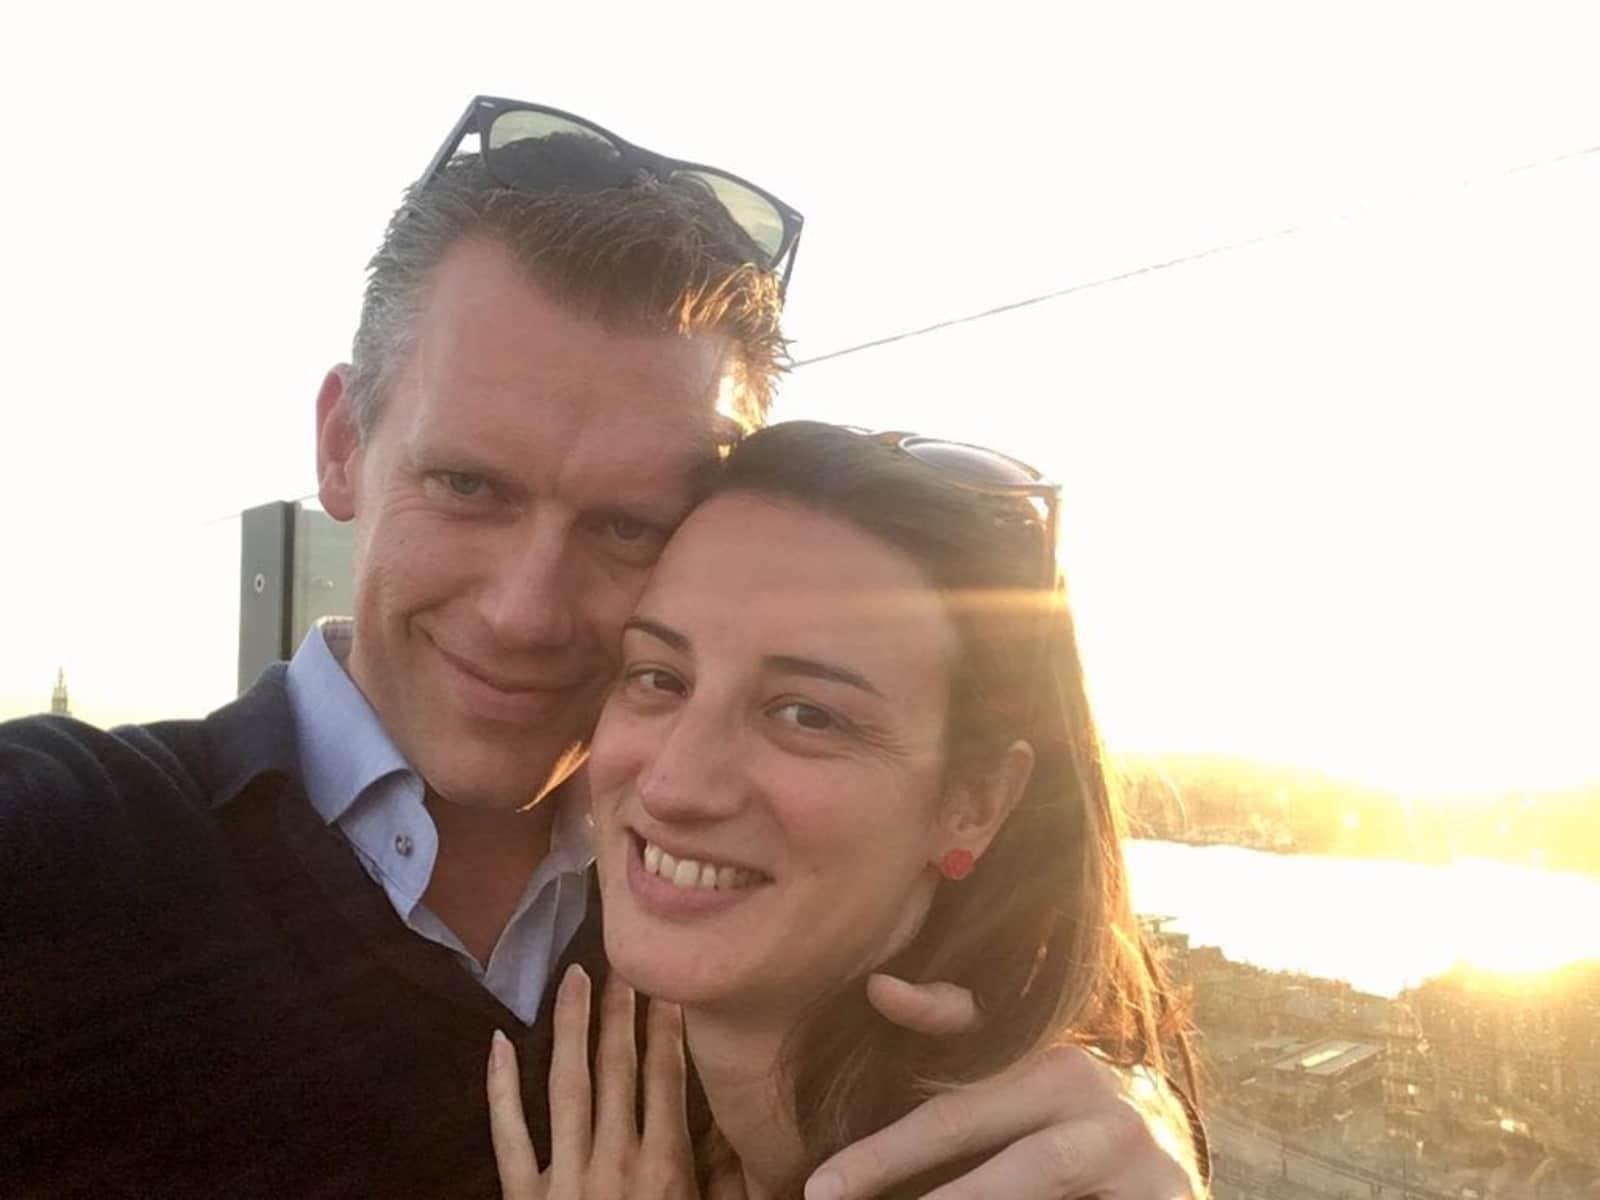 Hanne & Christophe from Kapellen, Belgium